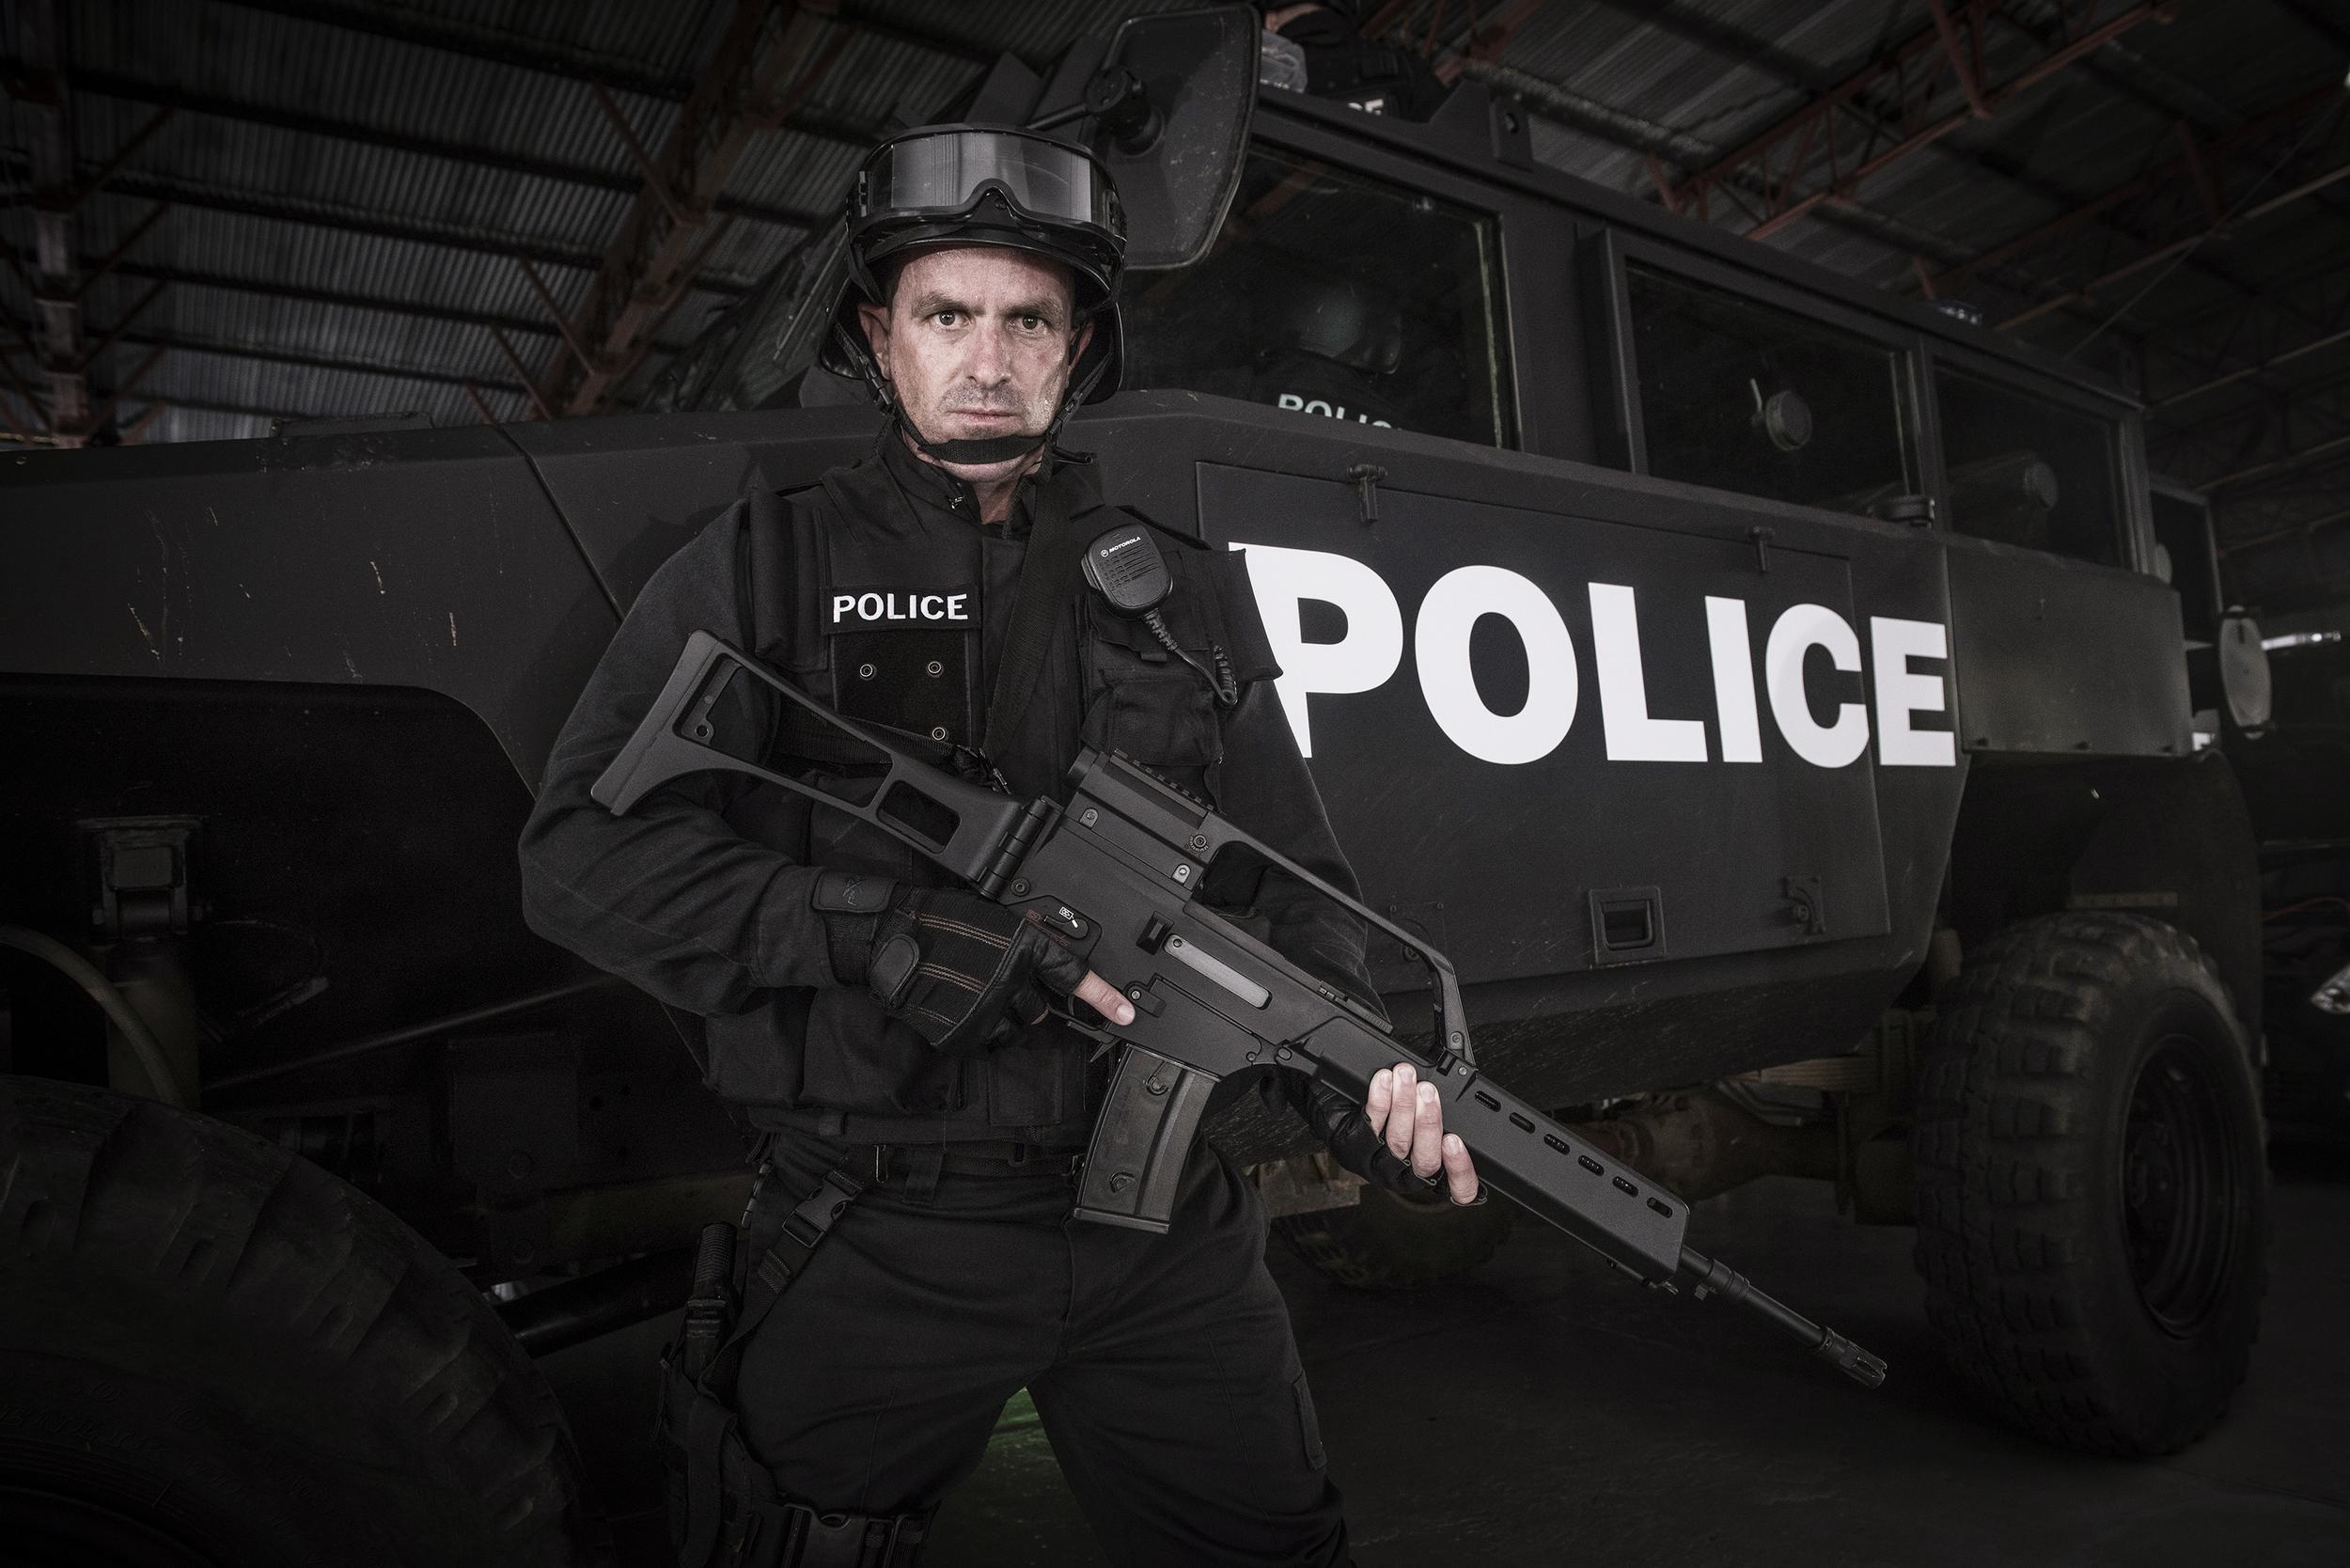 Still of the police